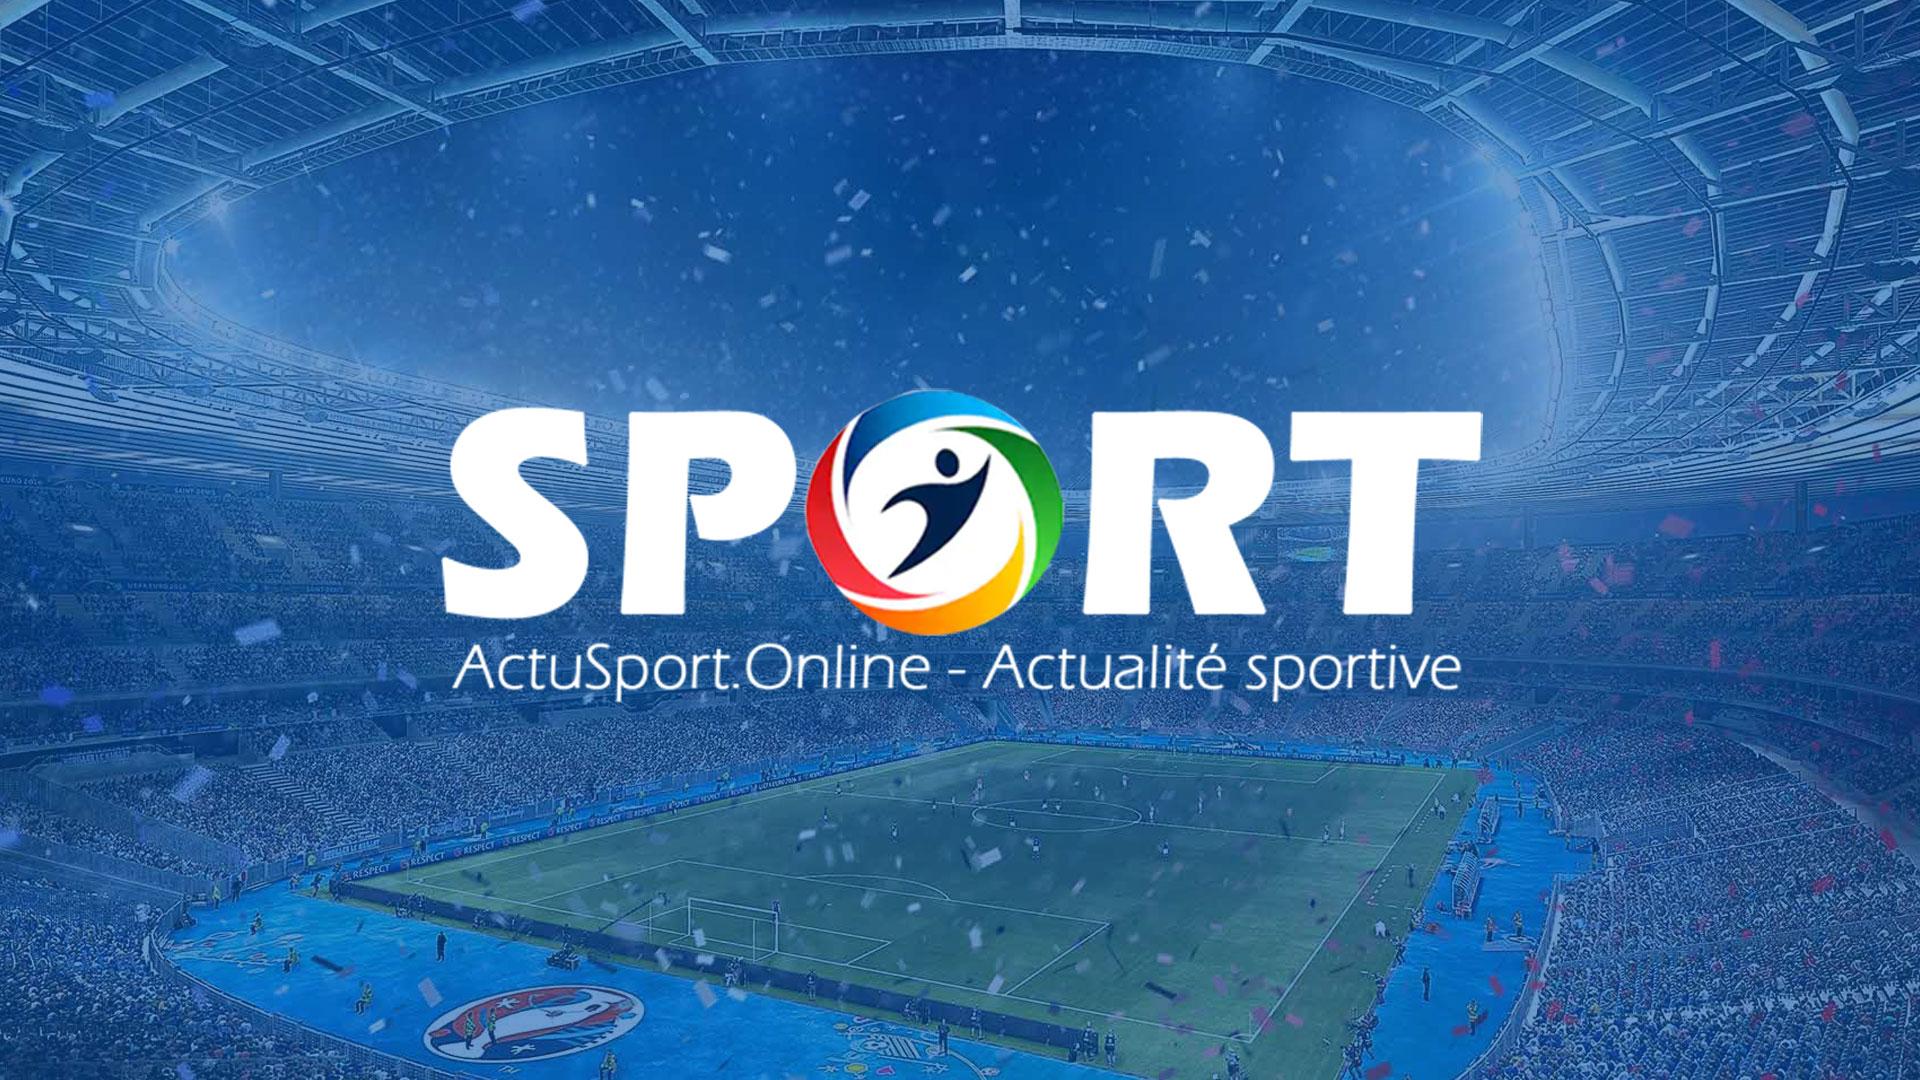 Actu sport Côte d'ivoire Online